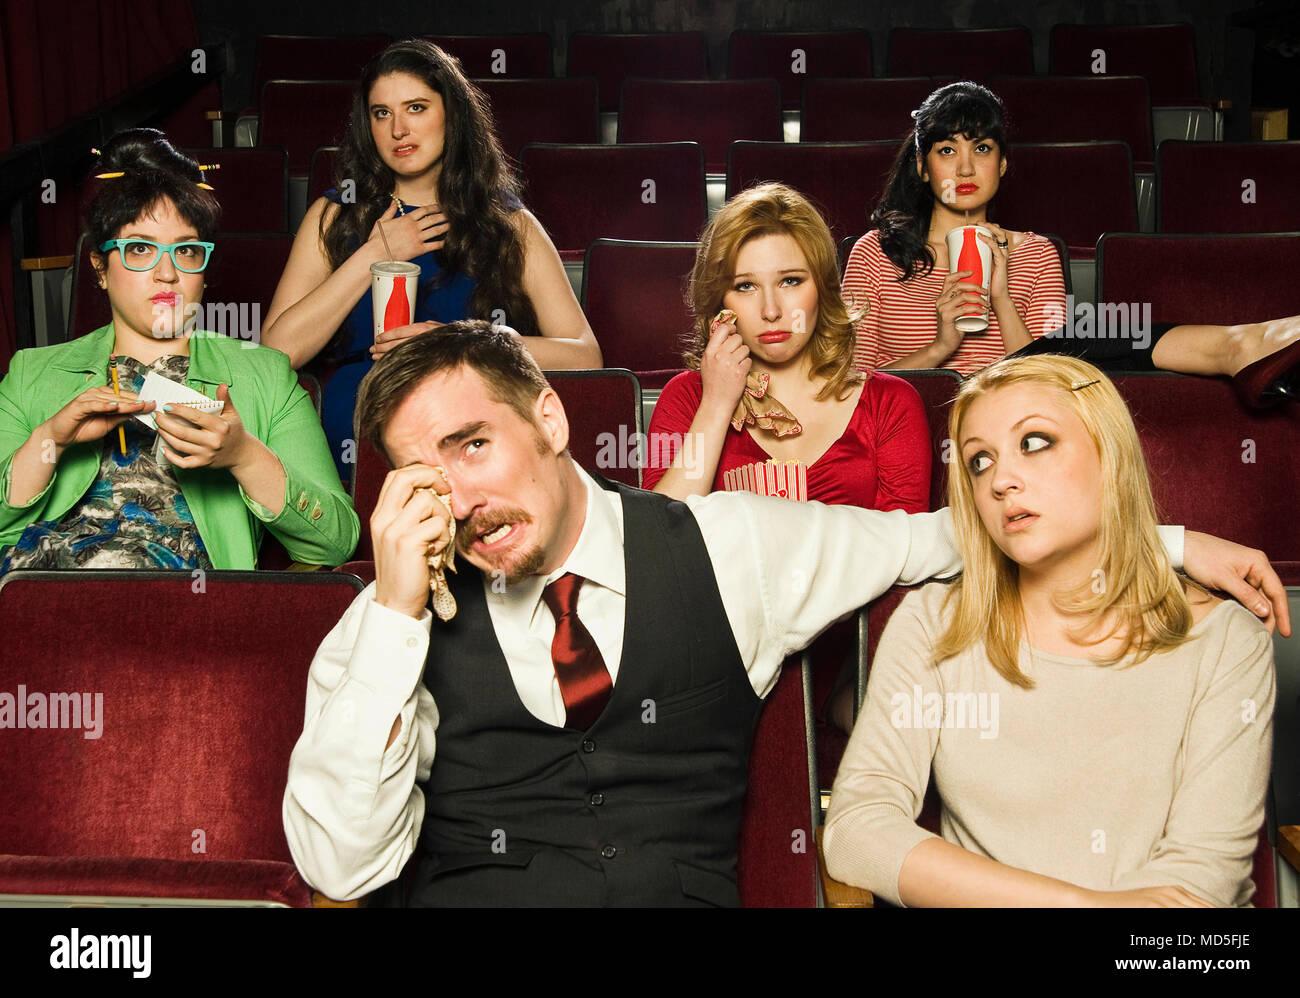 Un gruppo di persone a reagire a un film in un cinema. Immagini Stock